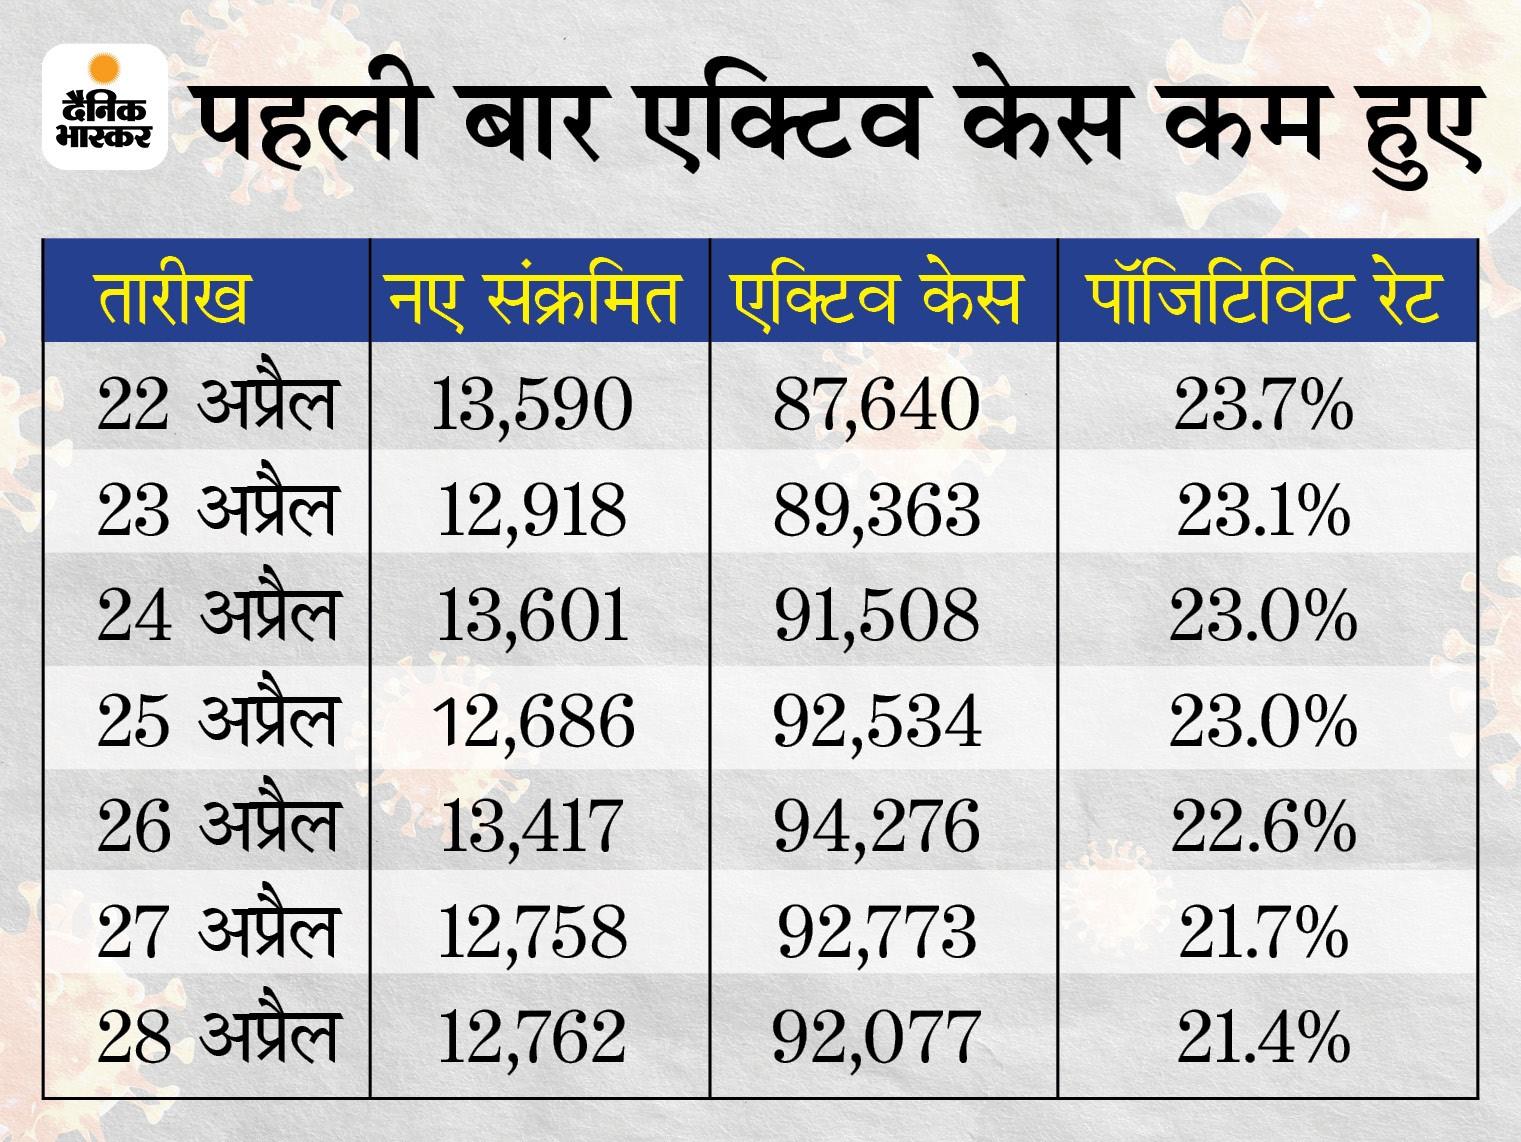 थोड़ी राहत.. कोरोना की दूसरी लहर में पहली बार एक्टिव केस 696 कम हुए, पॉजिटिविटी रेट 21% पर स्थिर|मध्य प्रदेश,Madhya Pradesh - Dainik Bhaskar